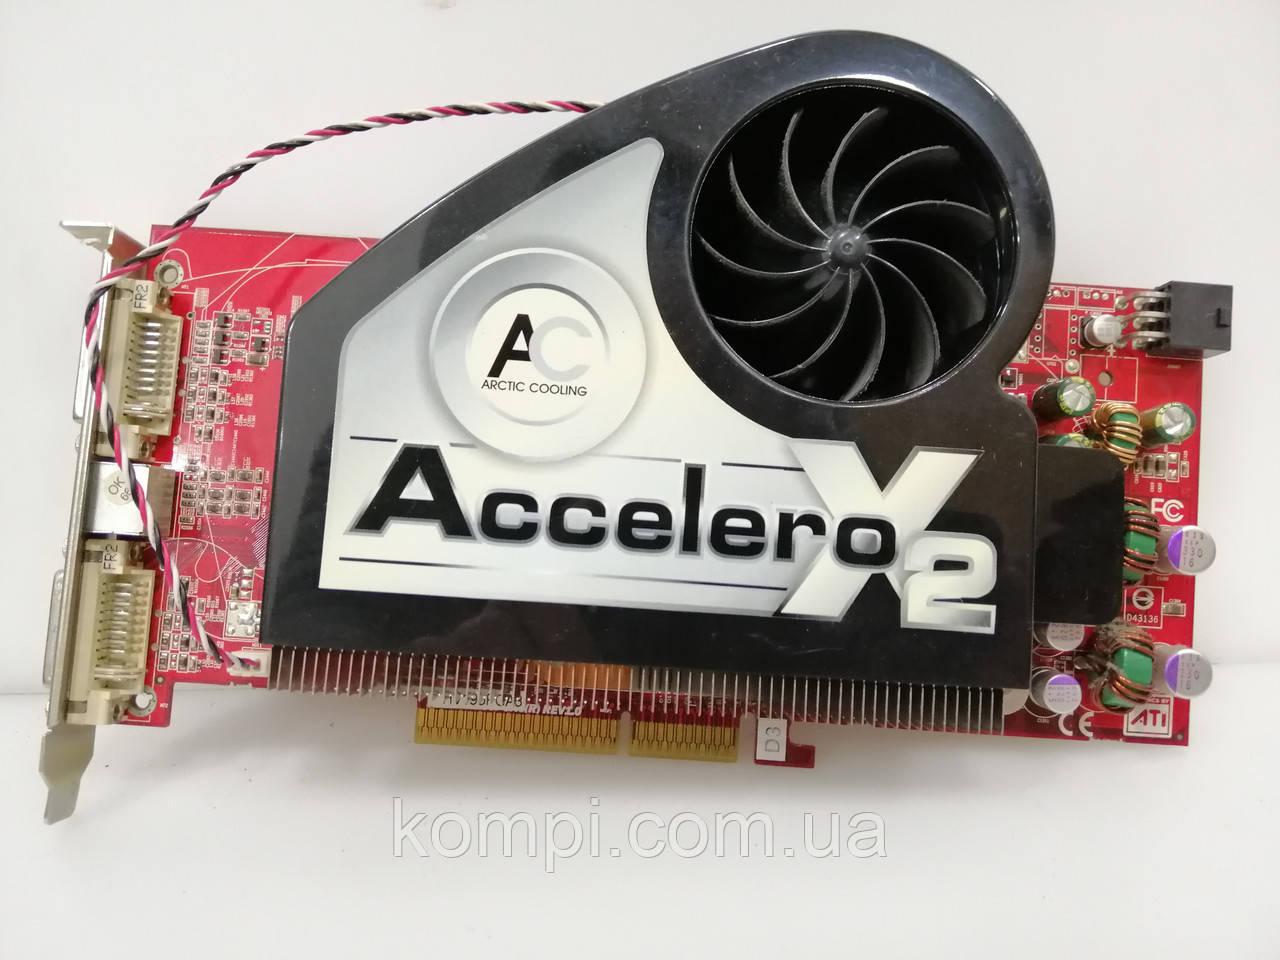 Видеокарта ATI RADEON X1950 PRO 256MB AGP